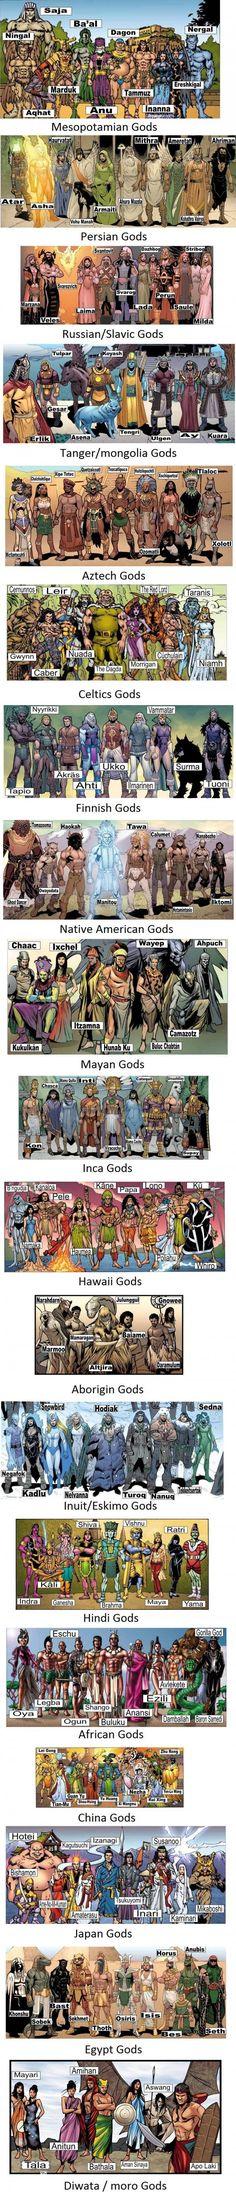 Dioses de muchas culturas